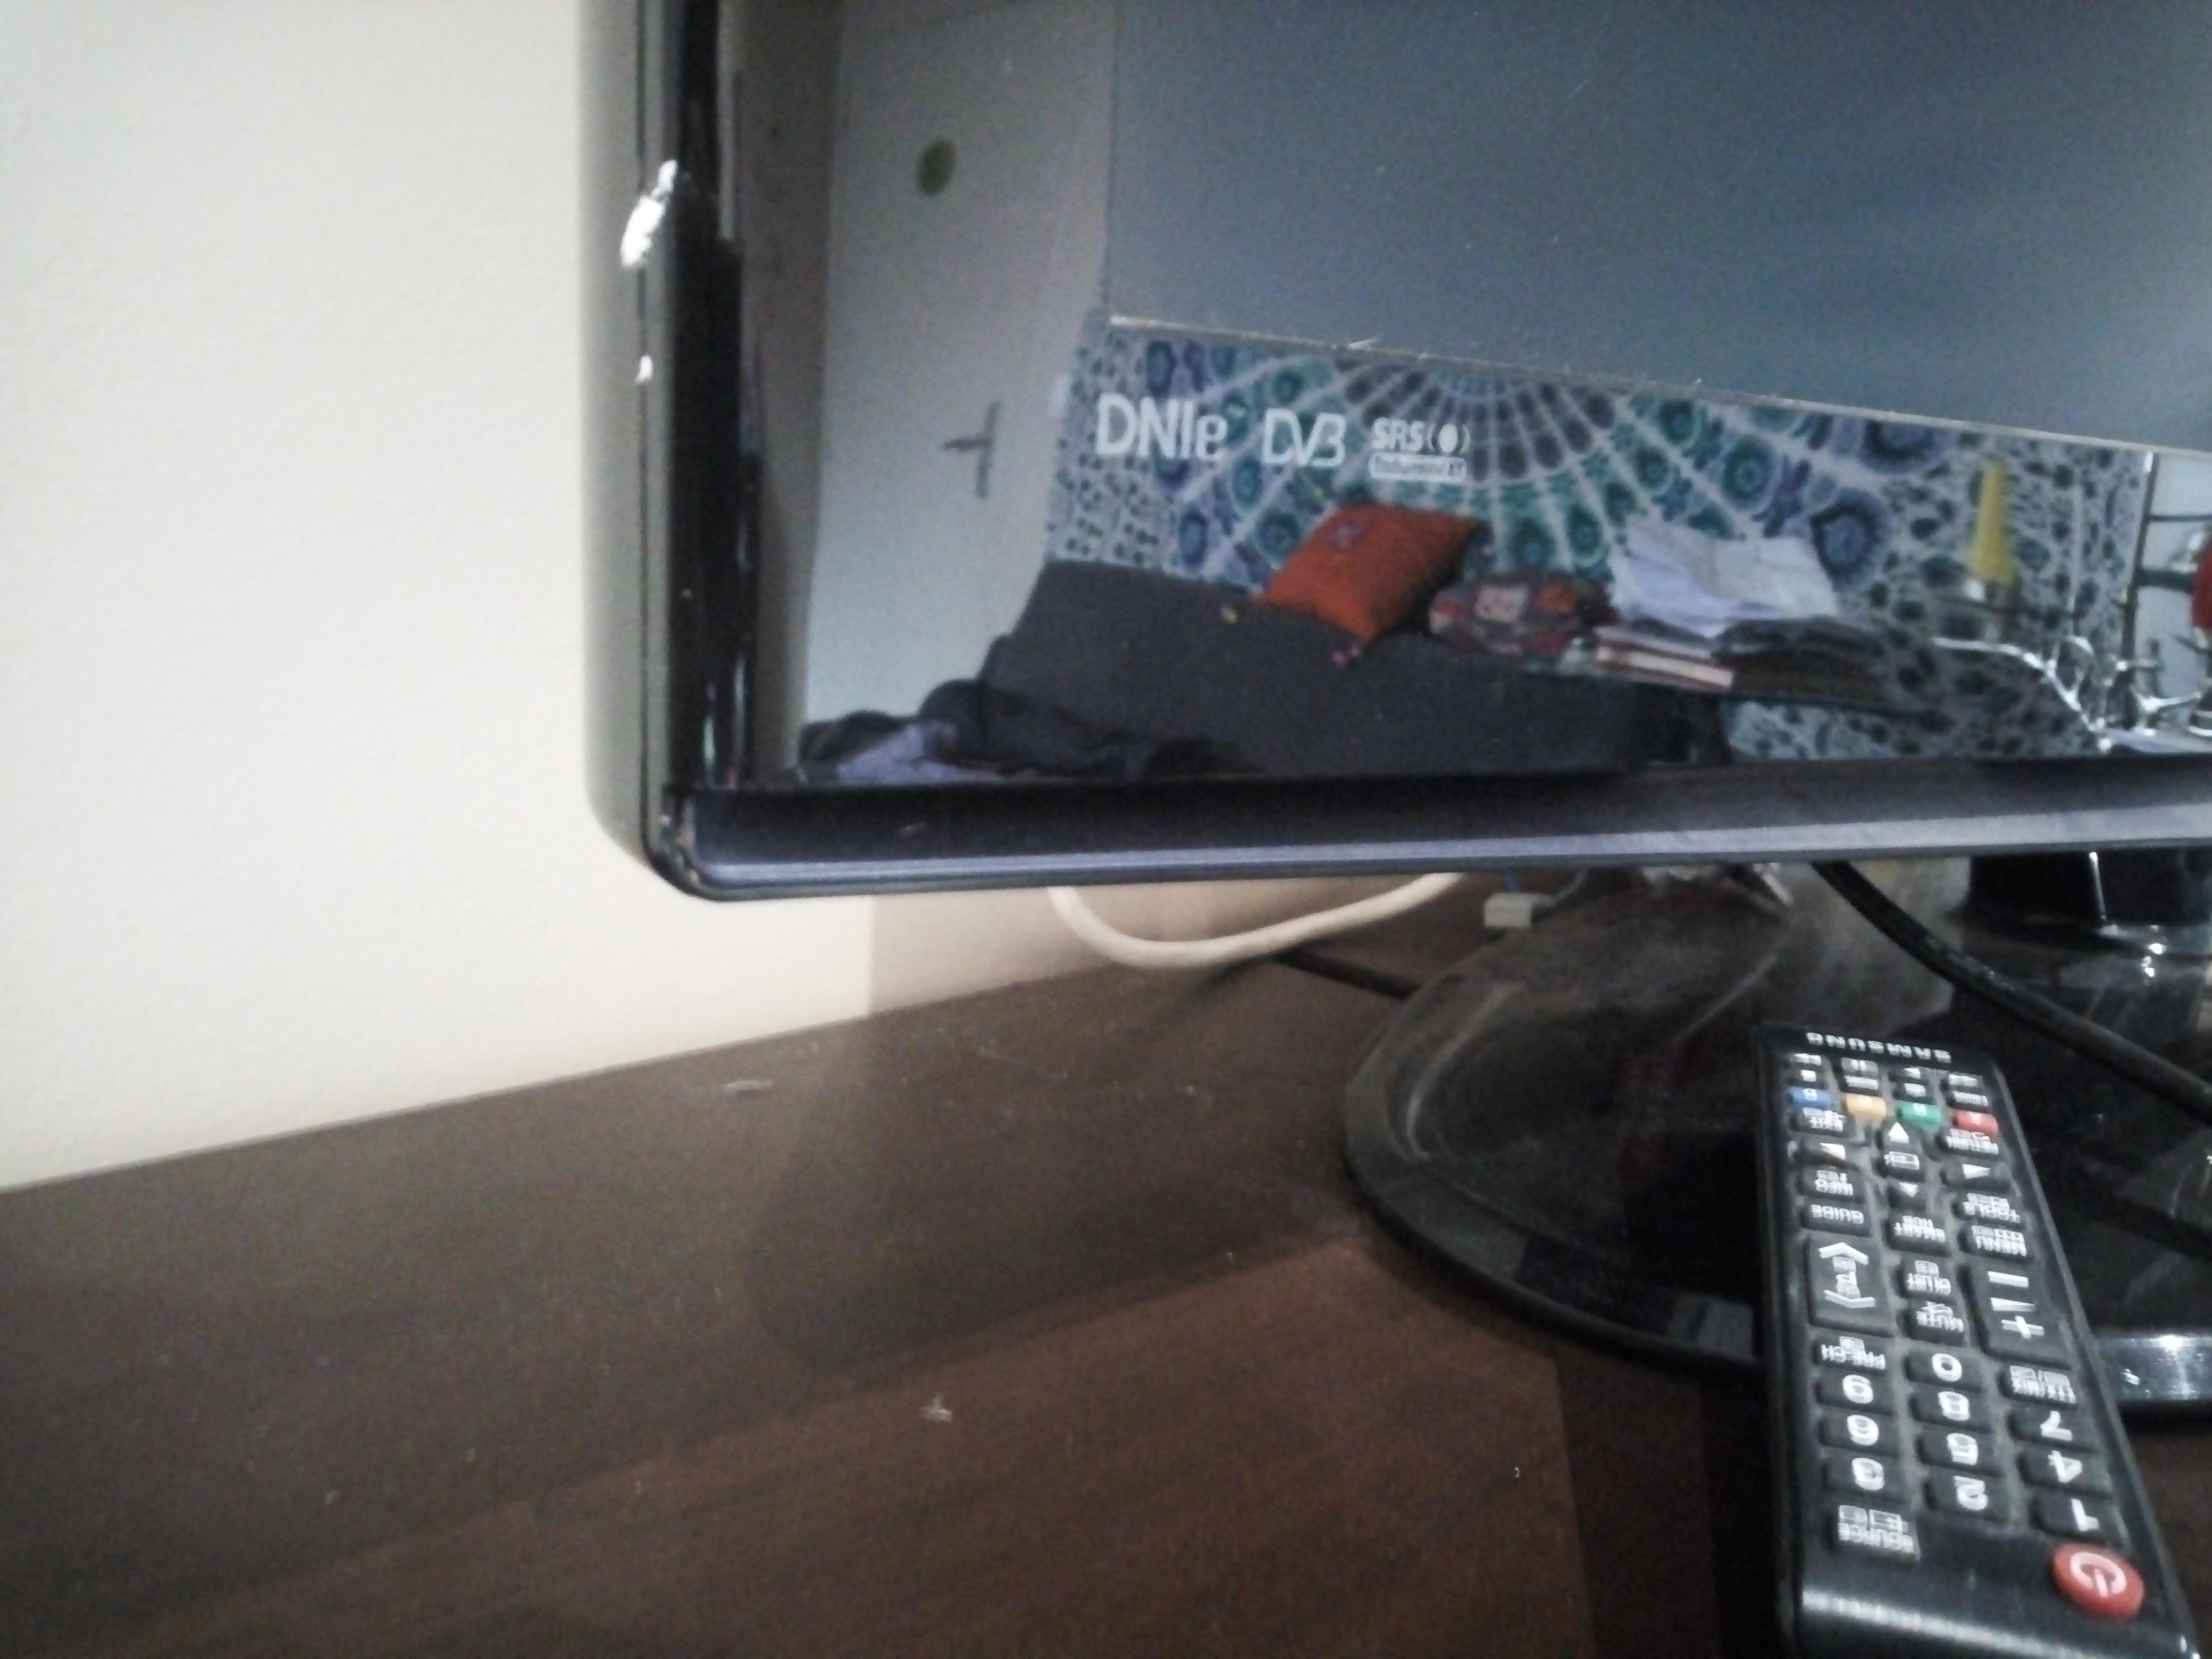 troc de troc tv samsun en très bon état, fonctionne parfaitement image 1